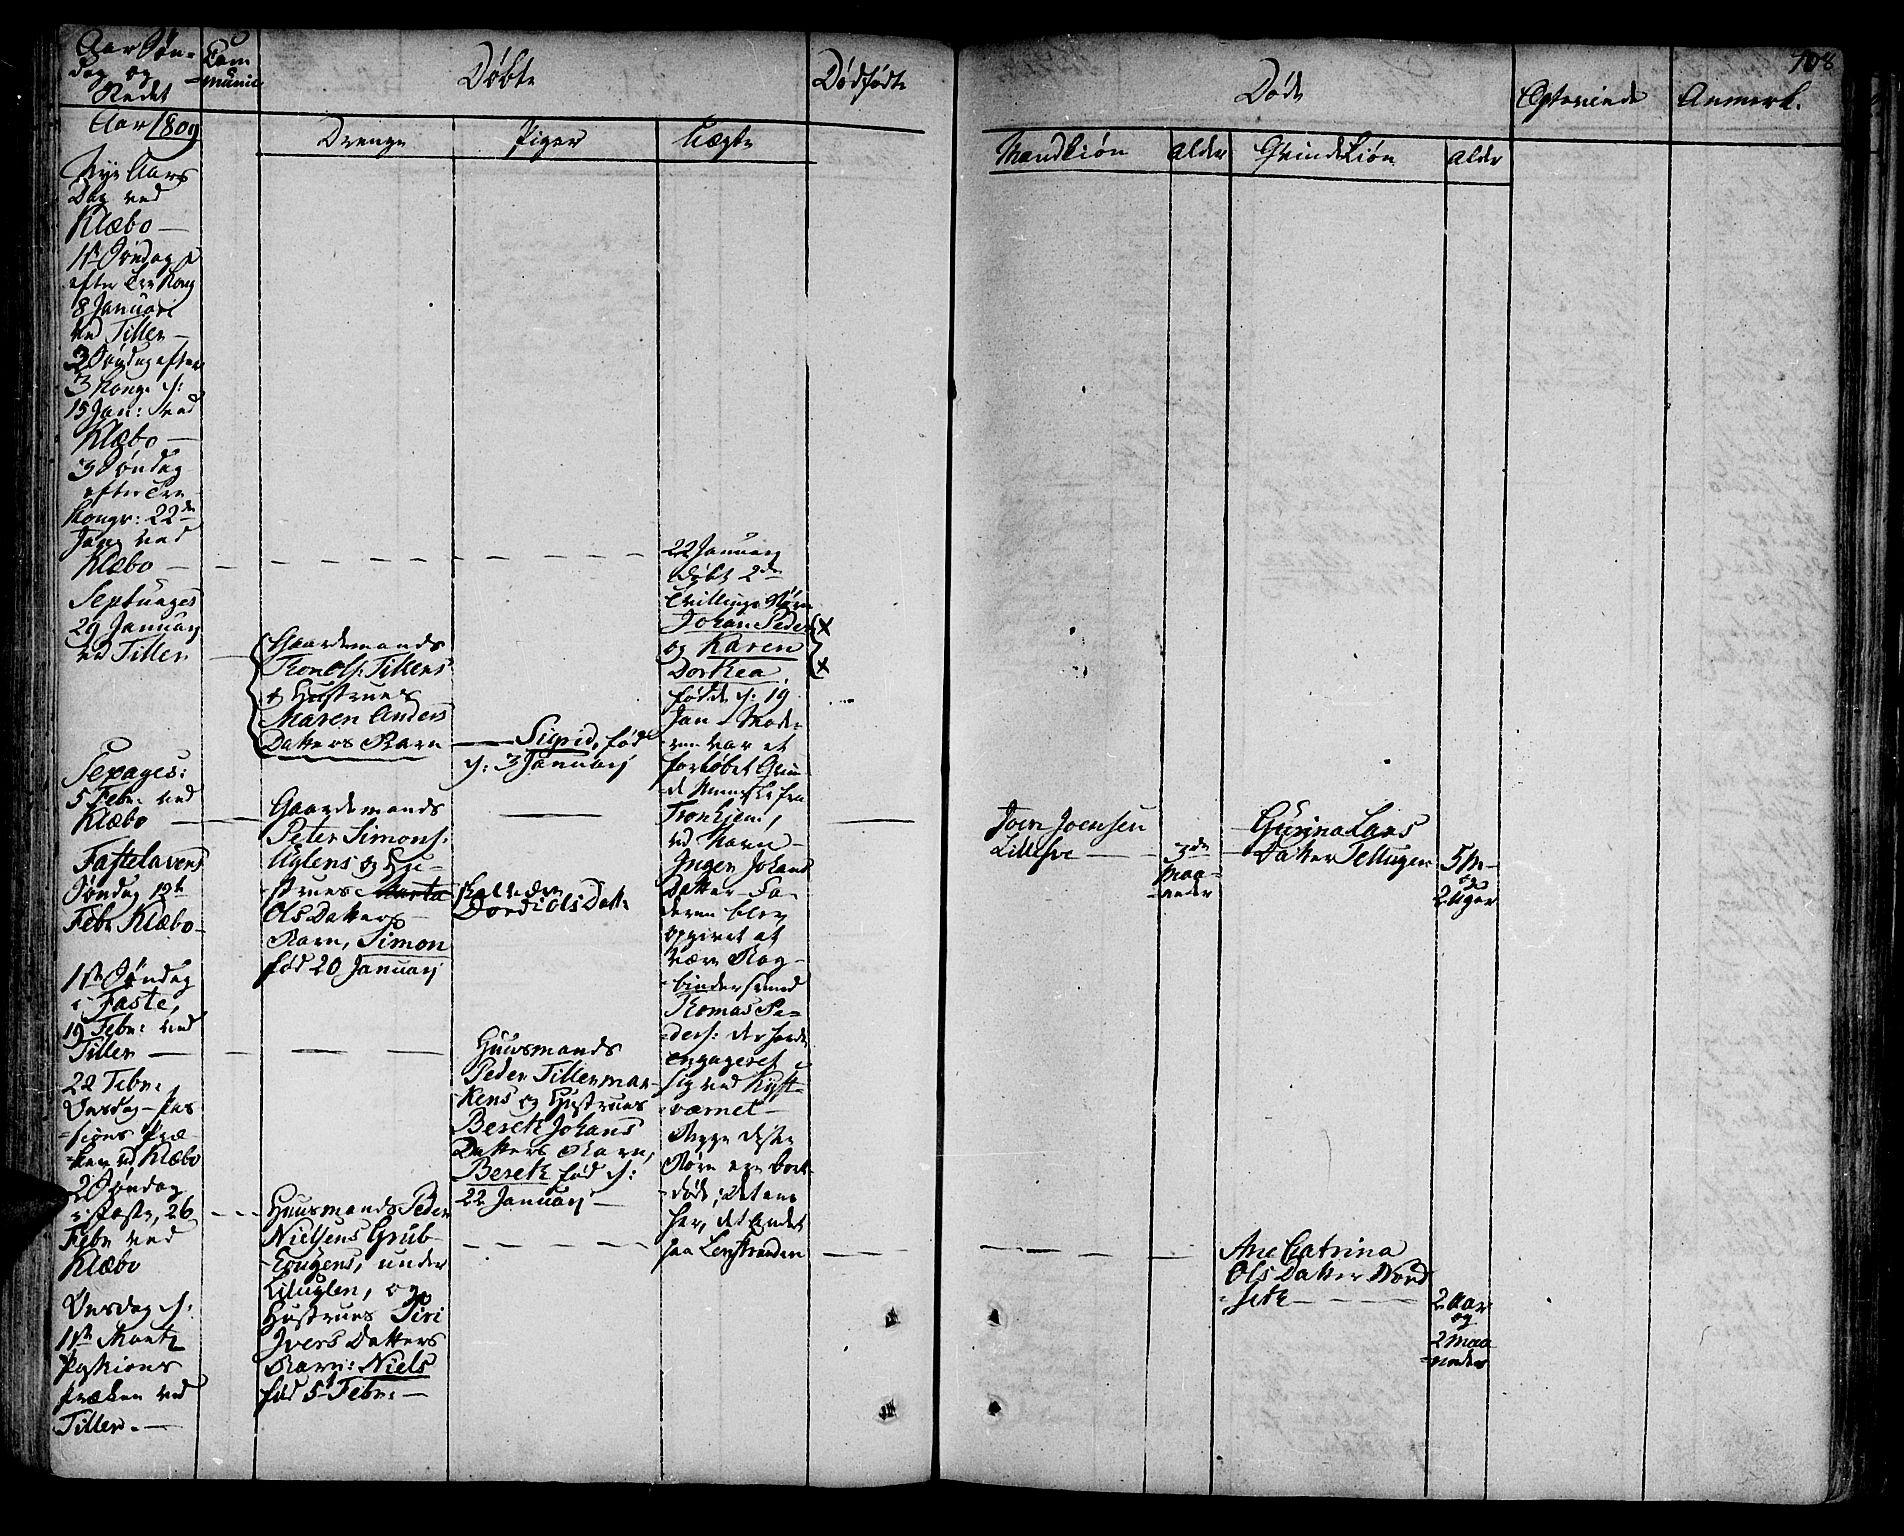 SAT, Ministerialprotokoller, klokkerbøker og fødselsregistre - Sør-Trøndelag, 618/L0438: Ministerialbok nr. 618A03, 1783-1815, s. 108